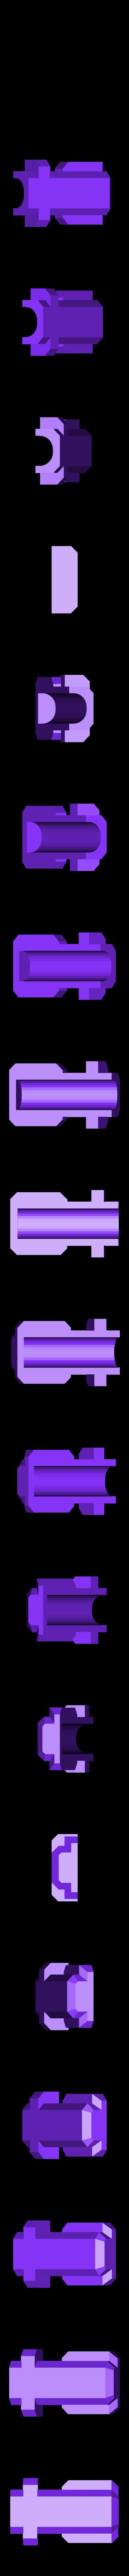 cache fils.stl Télécharger fichier STL gratuit KINETIC 2 • Plan pour imprimante 3D, NOP21